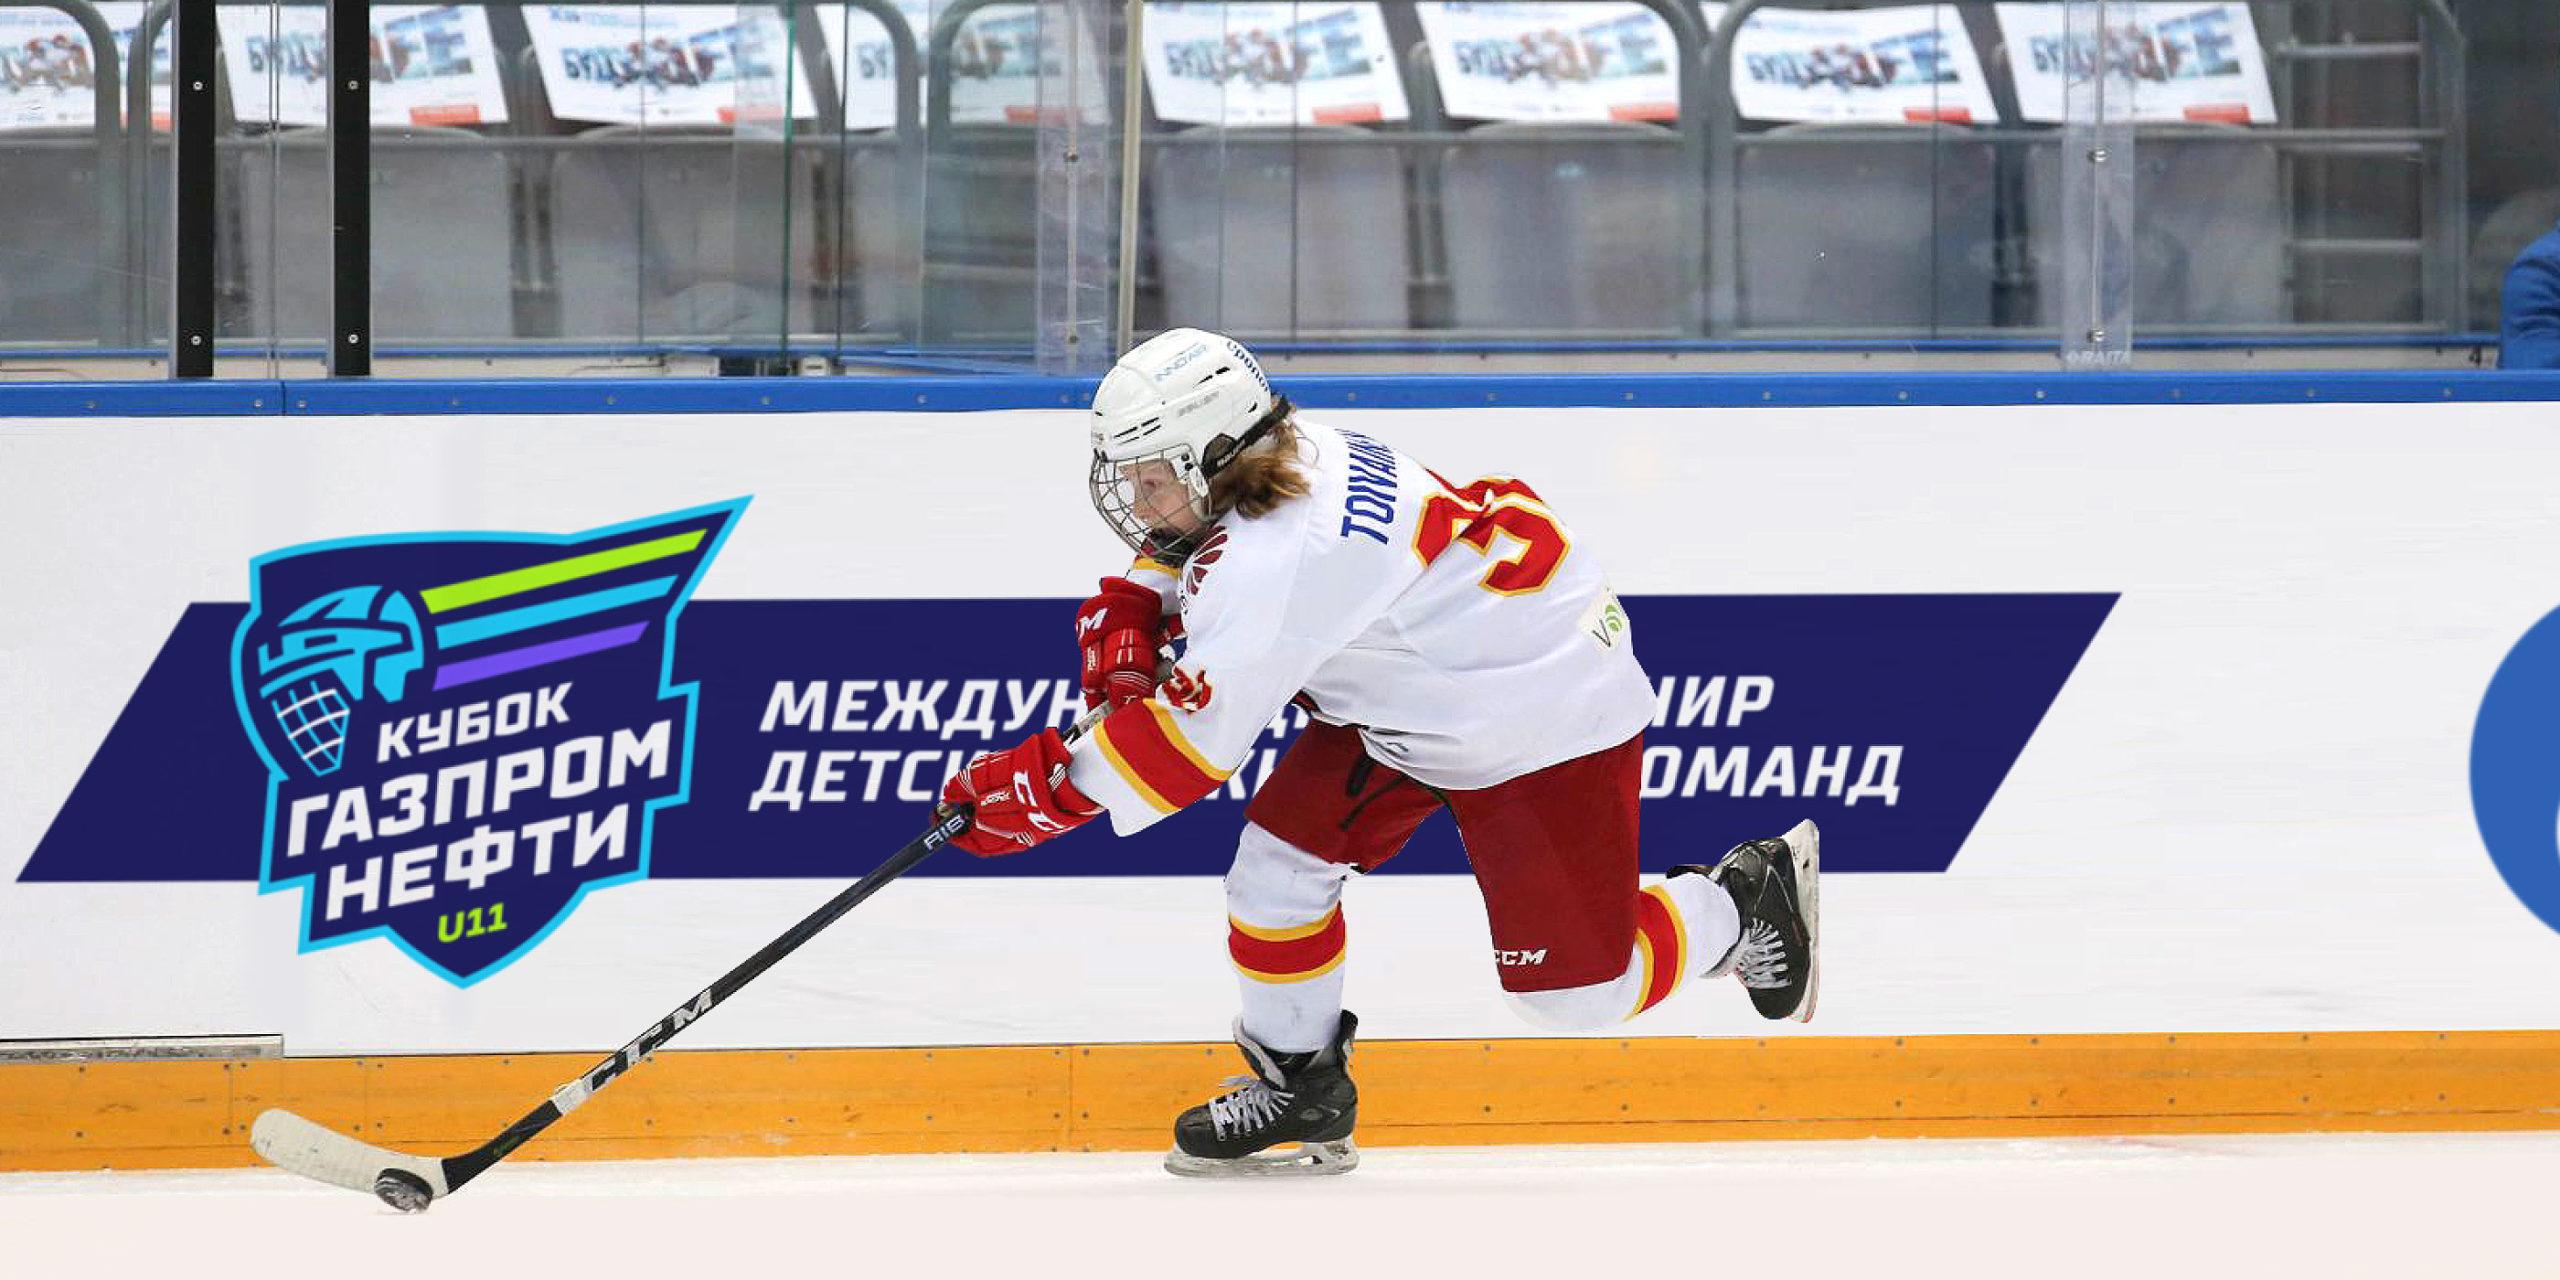 Детский турнир по хоккею «Газпром нефти»